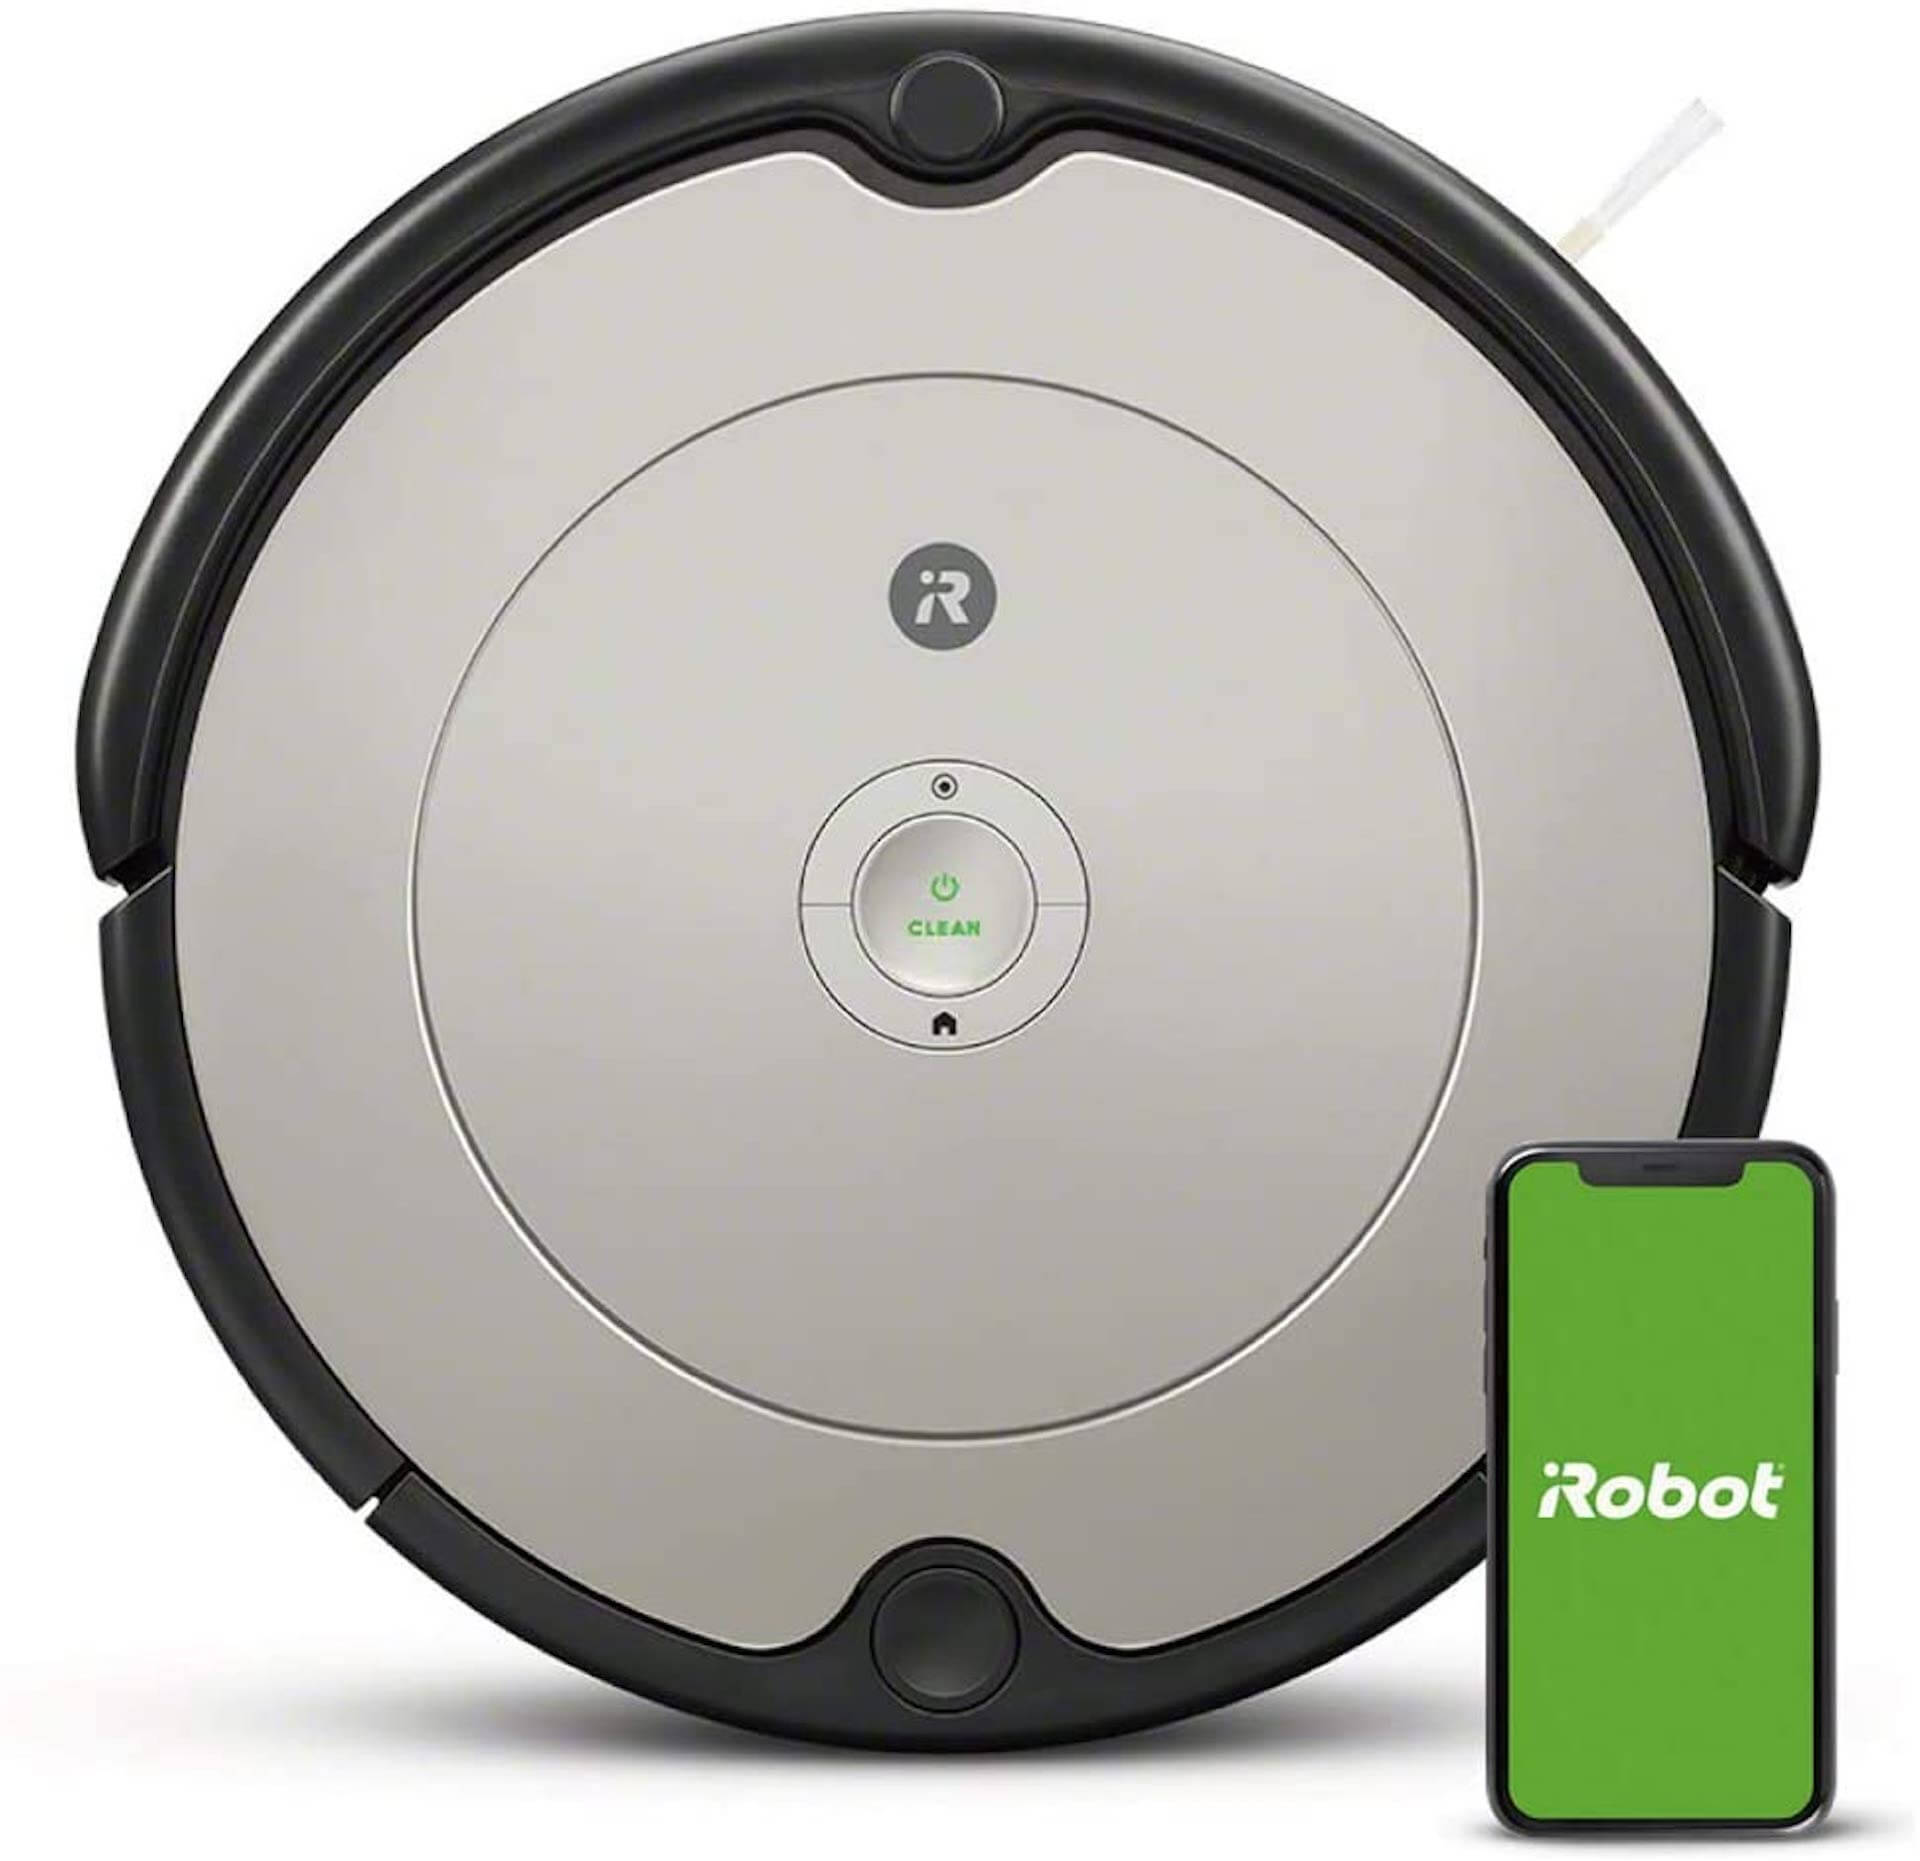 Amazonプライムデーの対象商品第1弾が発表!13インチMacBook Proに「アベンジャーズ」シリーズMovieNEX19巻セットまで tech201001_amazonprimeday_7